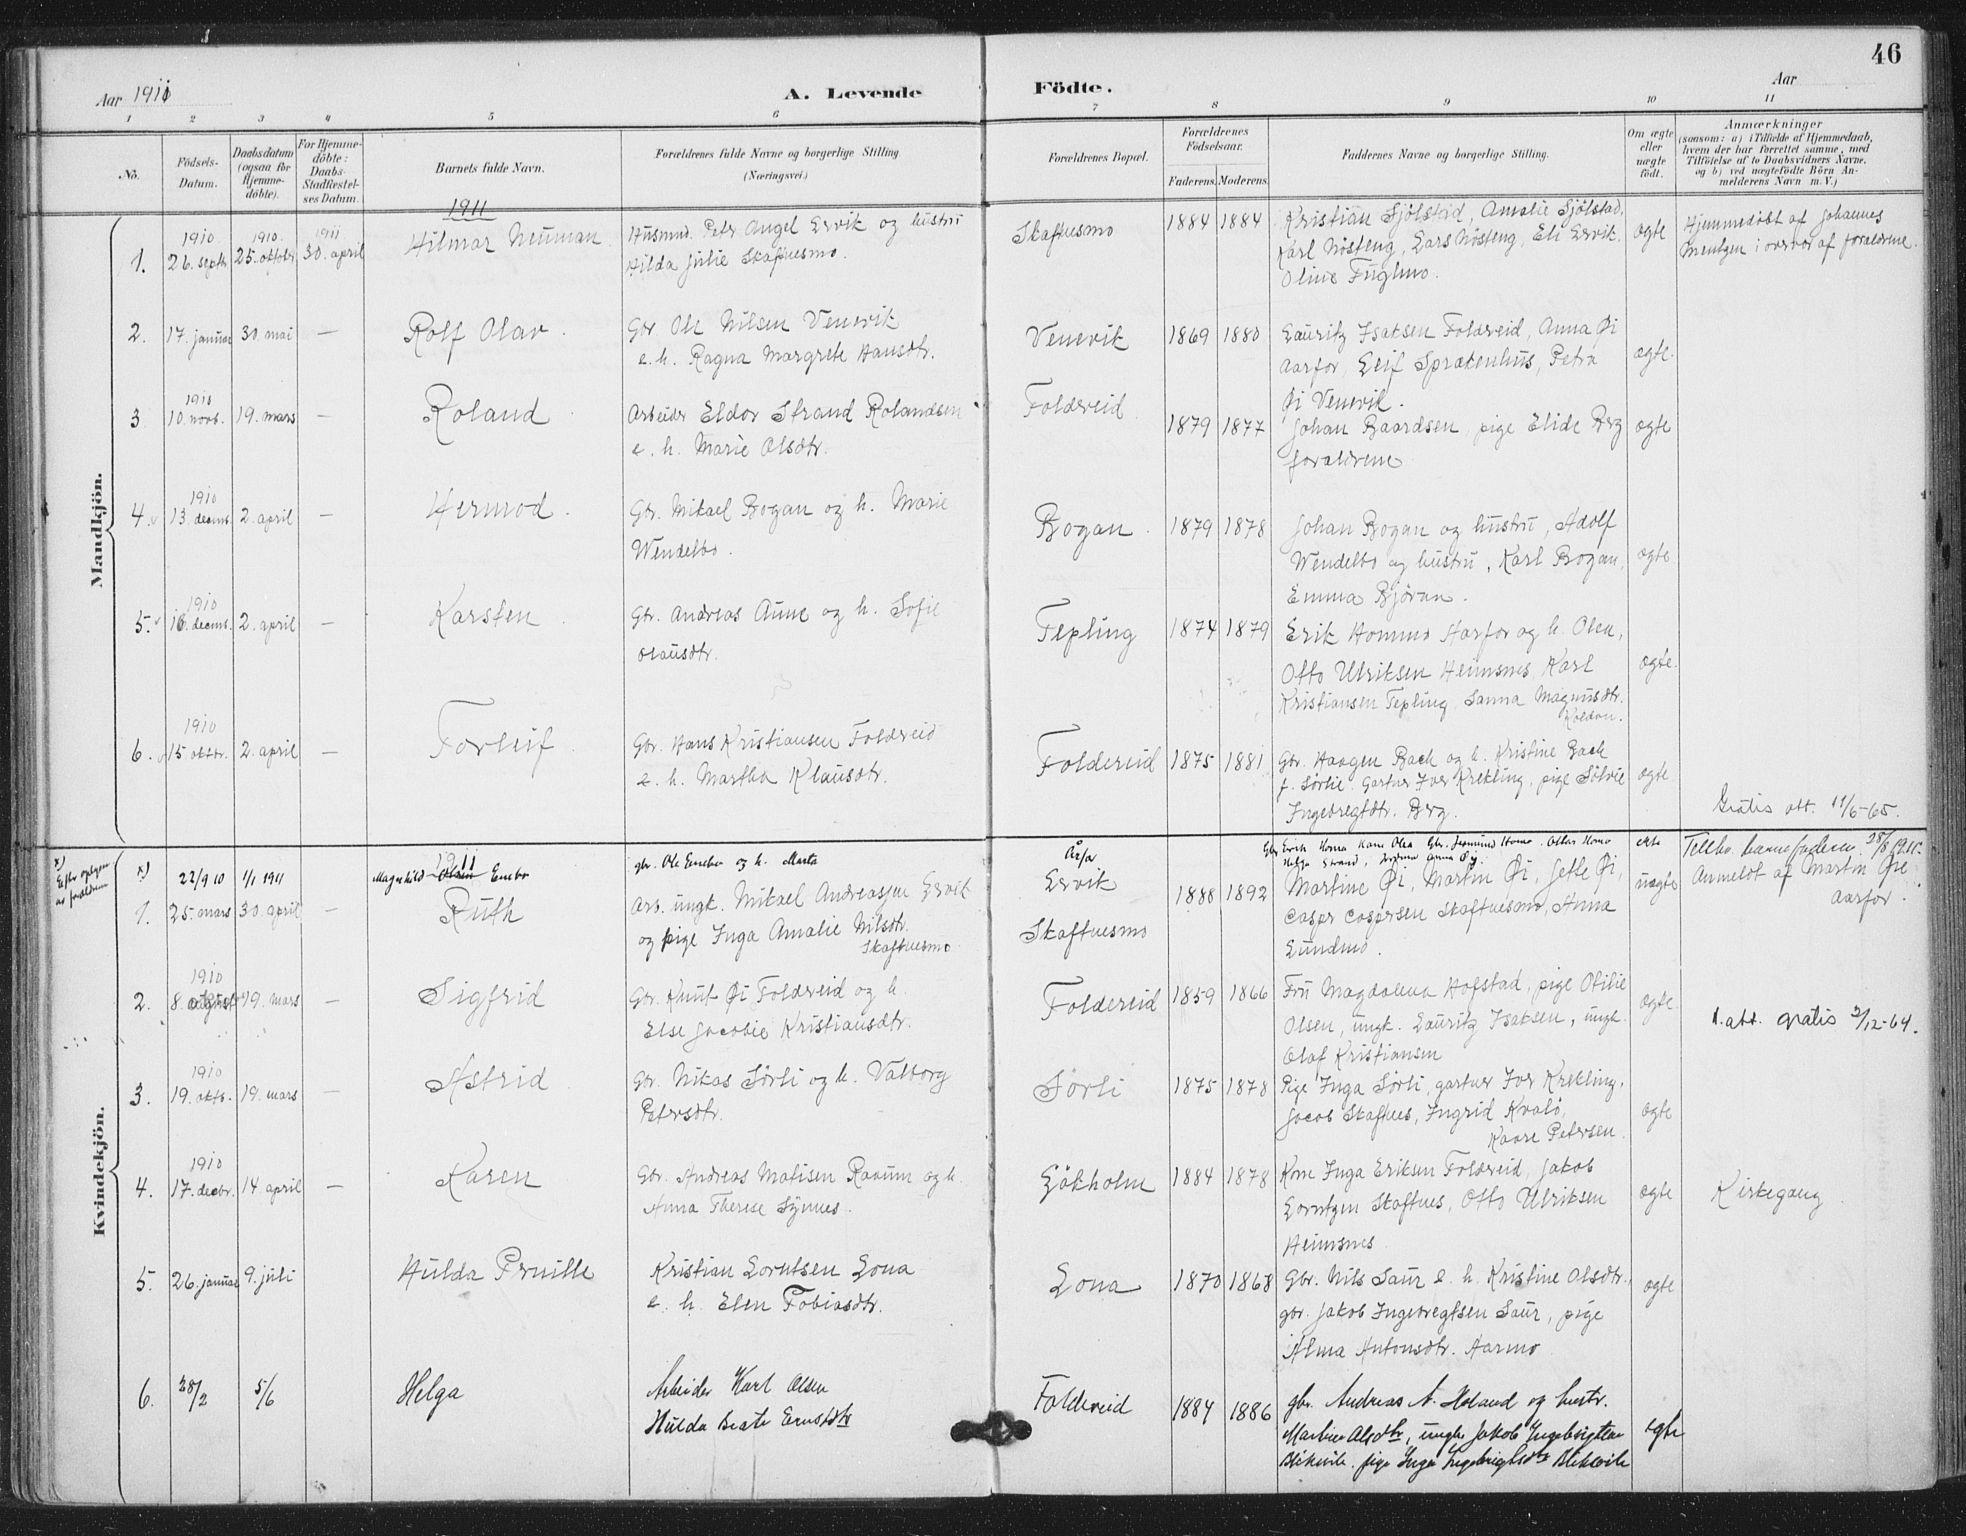 SAT, Ministerialprotokoller, klokkerbøker og fødselsregistre - Nord-Trøndelag, 783/L0660: Ministerialbok nr. 783A02, 1886-1918, s. 46